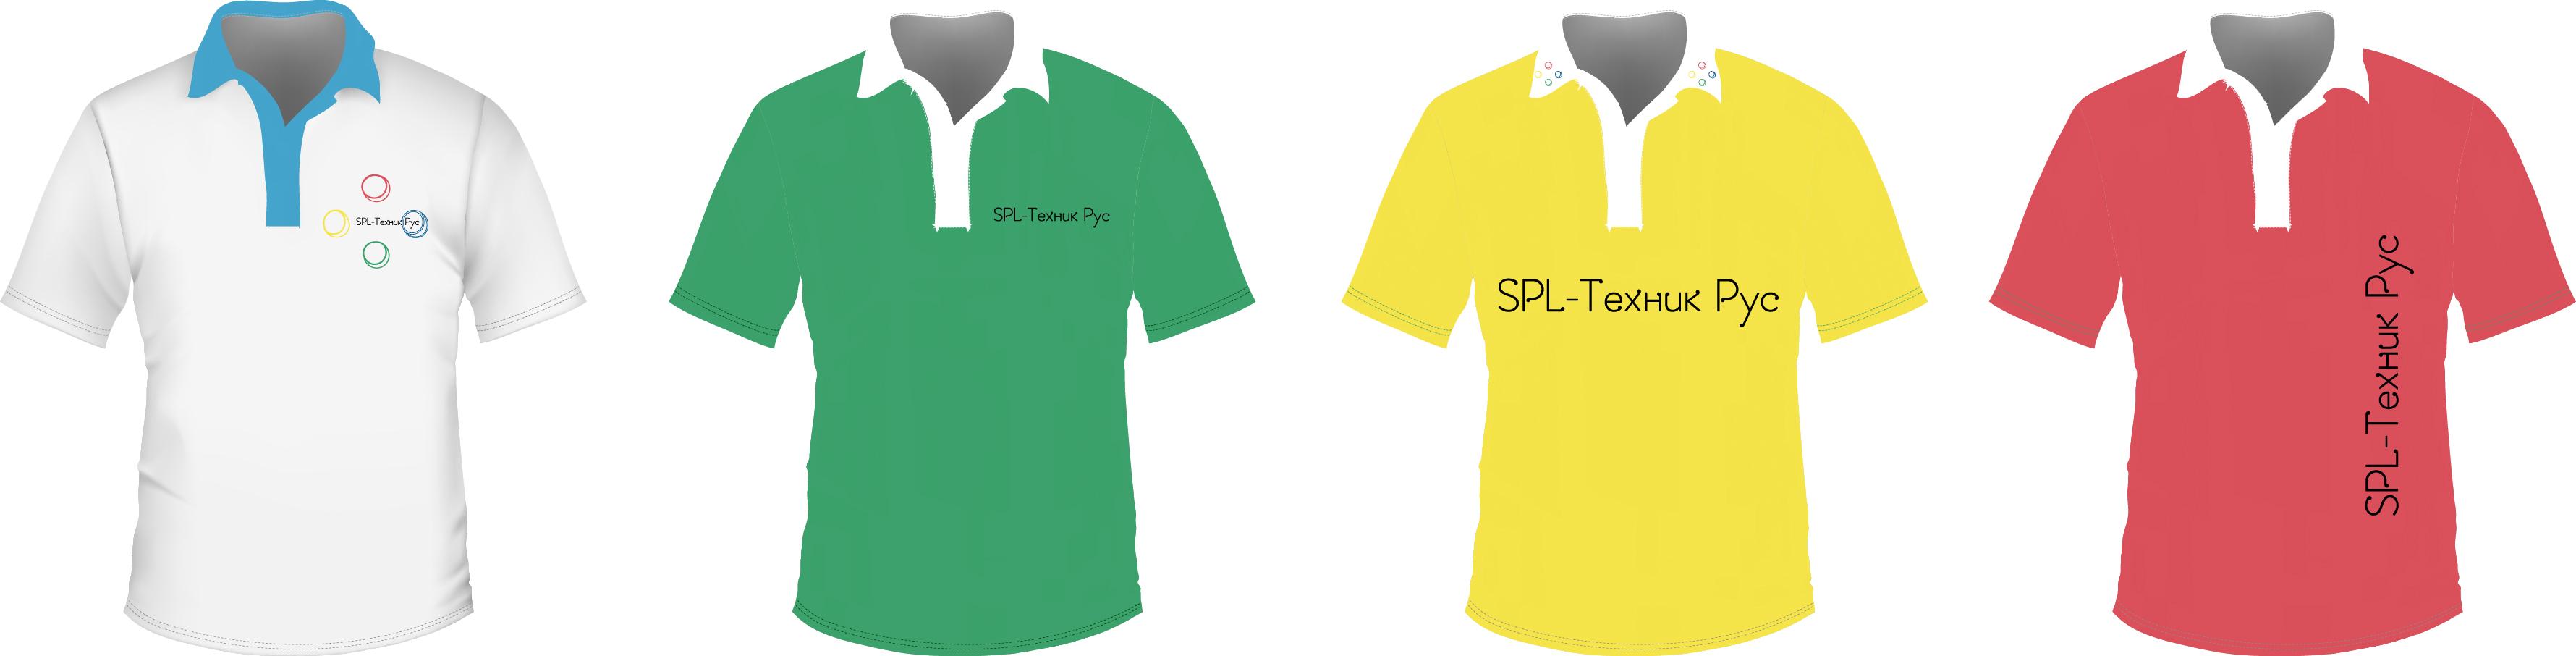 Разработка логотипа и фирменного стиля фото f_71659942ec390af1.jpg